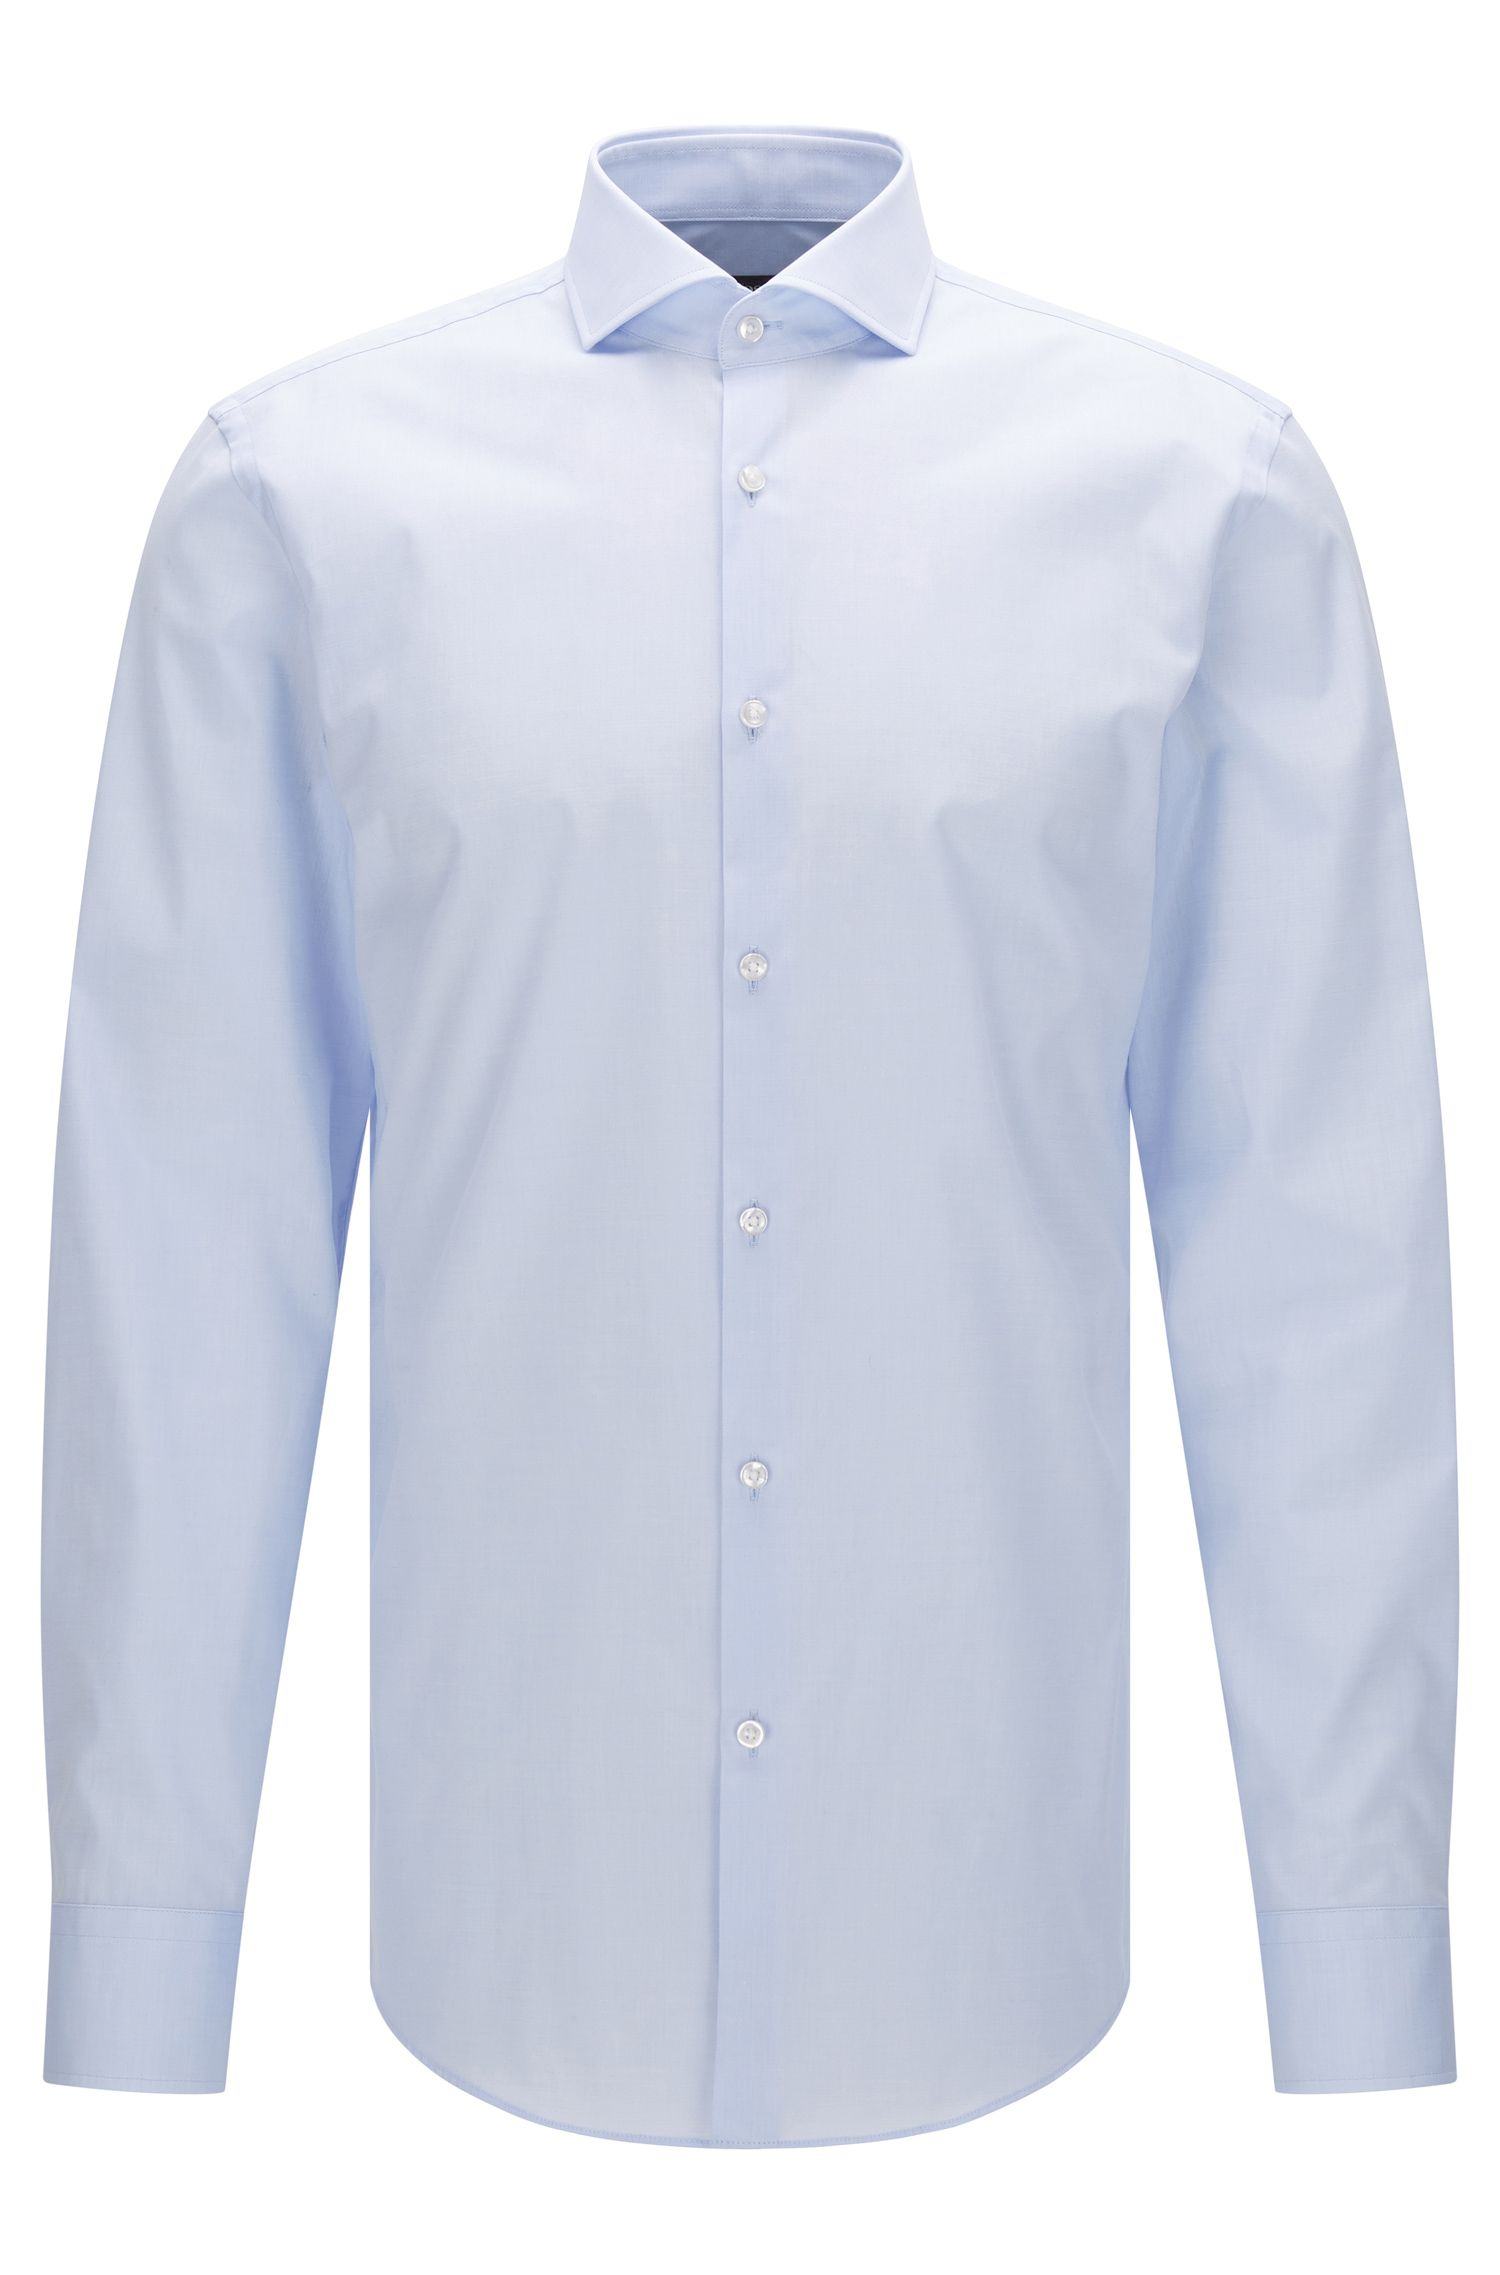 Unifarbenes Slim-Fit Hemd aus Baumwolle: 'Jason'